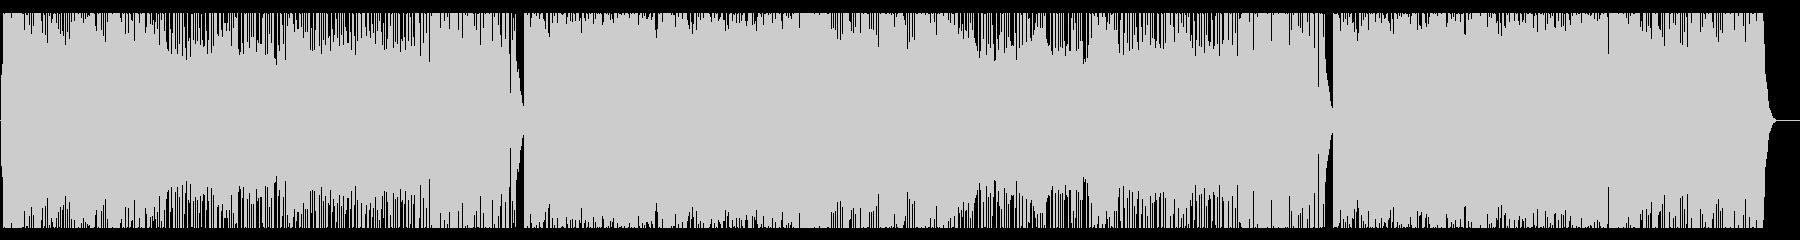 切ないギターポップロックの未再生の波形